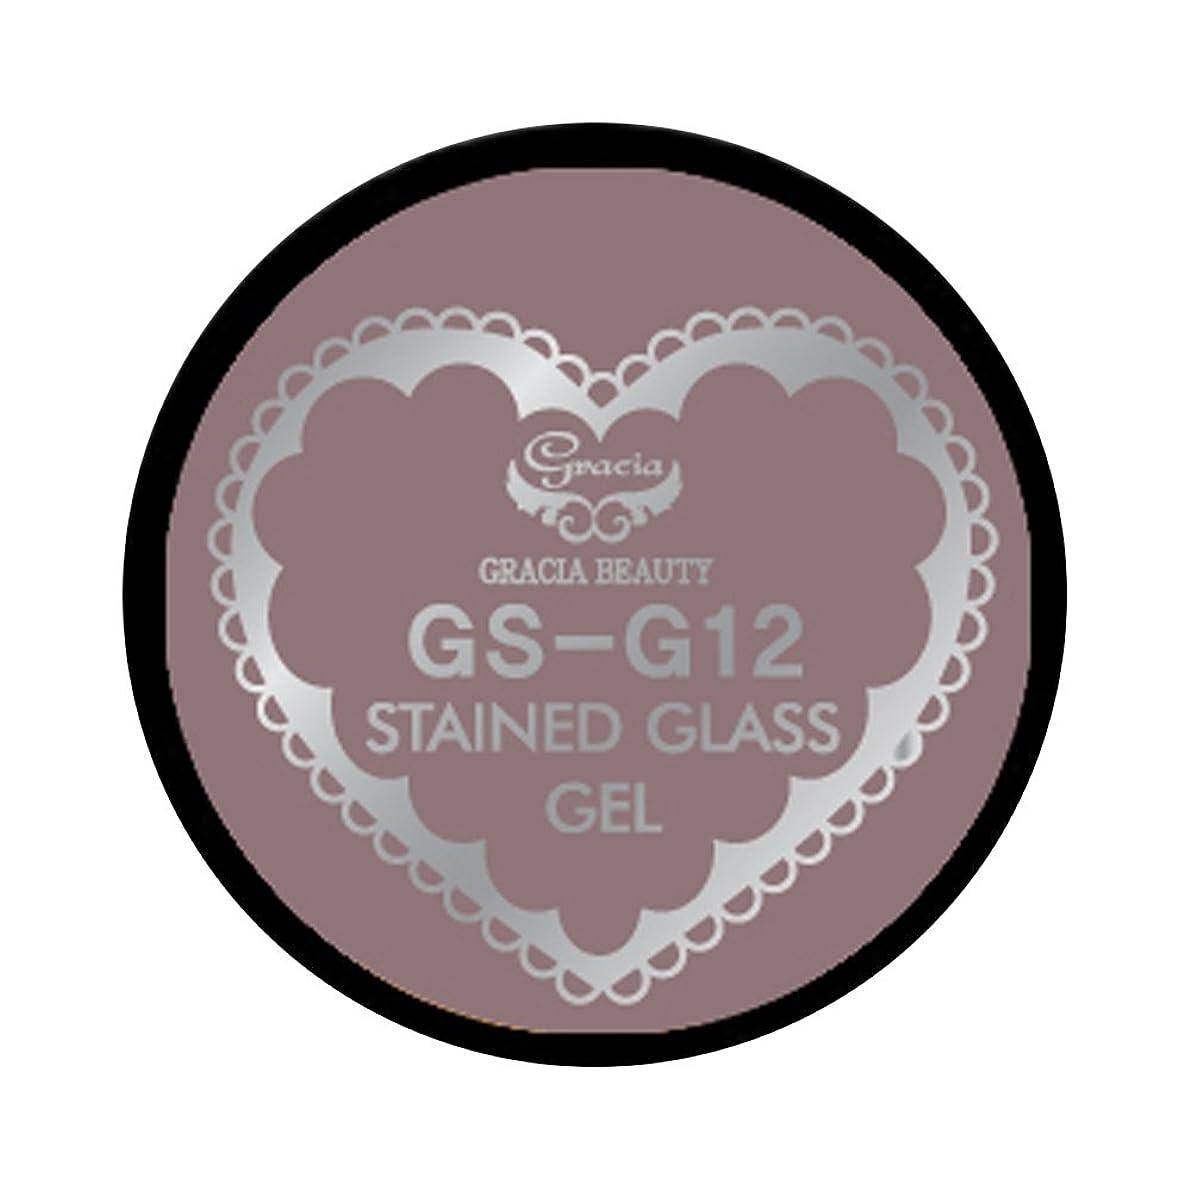 鷲愛国的な説教グラシア ジェルネイル ステンドグラスジェル GSM-G12 3g  グリッター UV/LED対応 カラージェル ソークオフジェル ガラスのような透明感